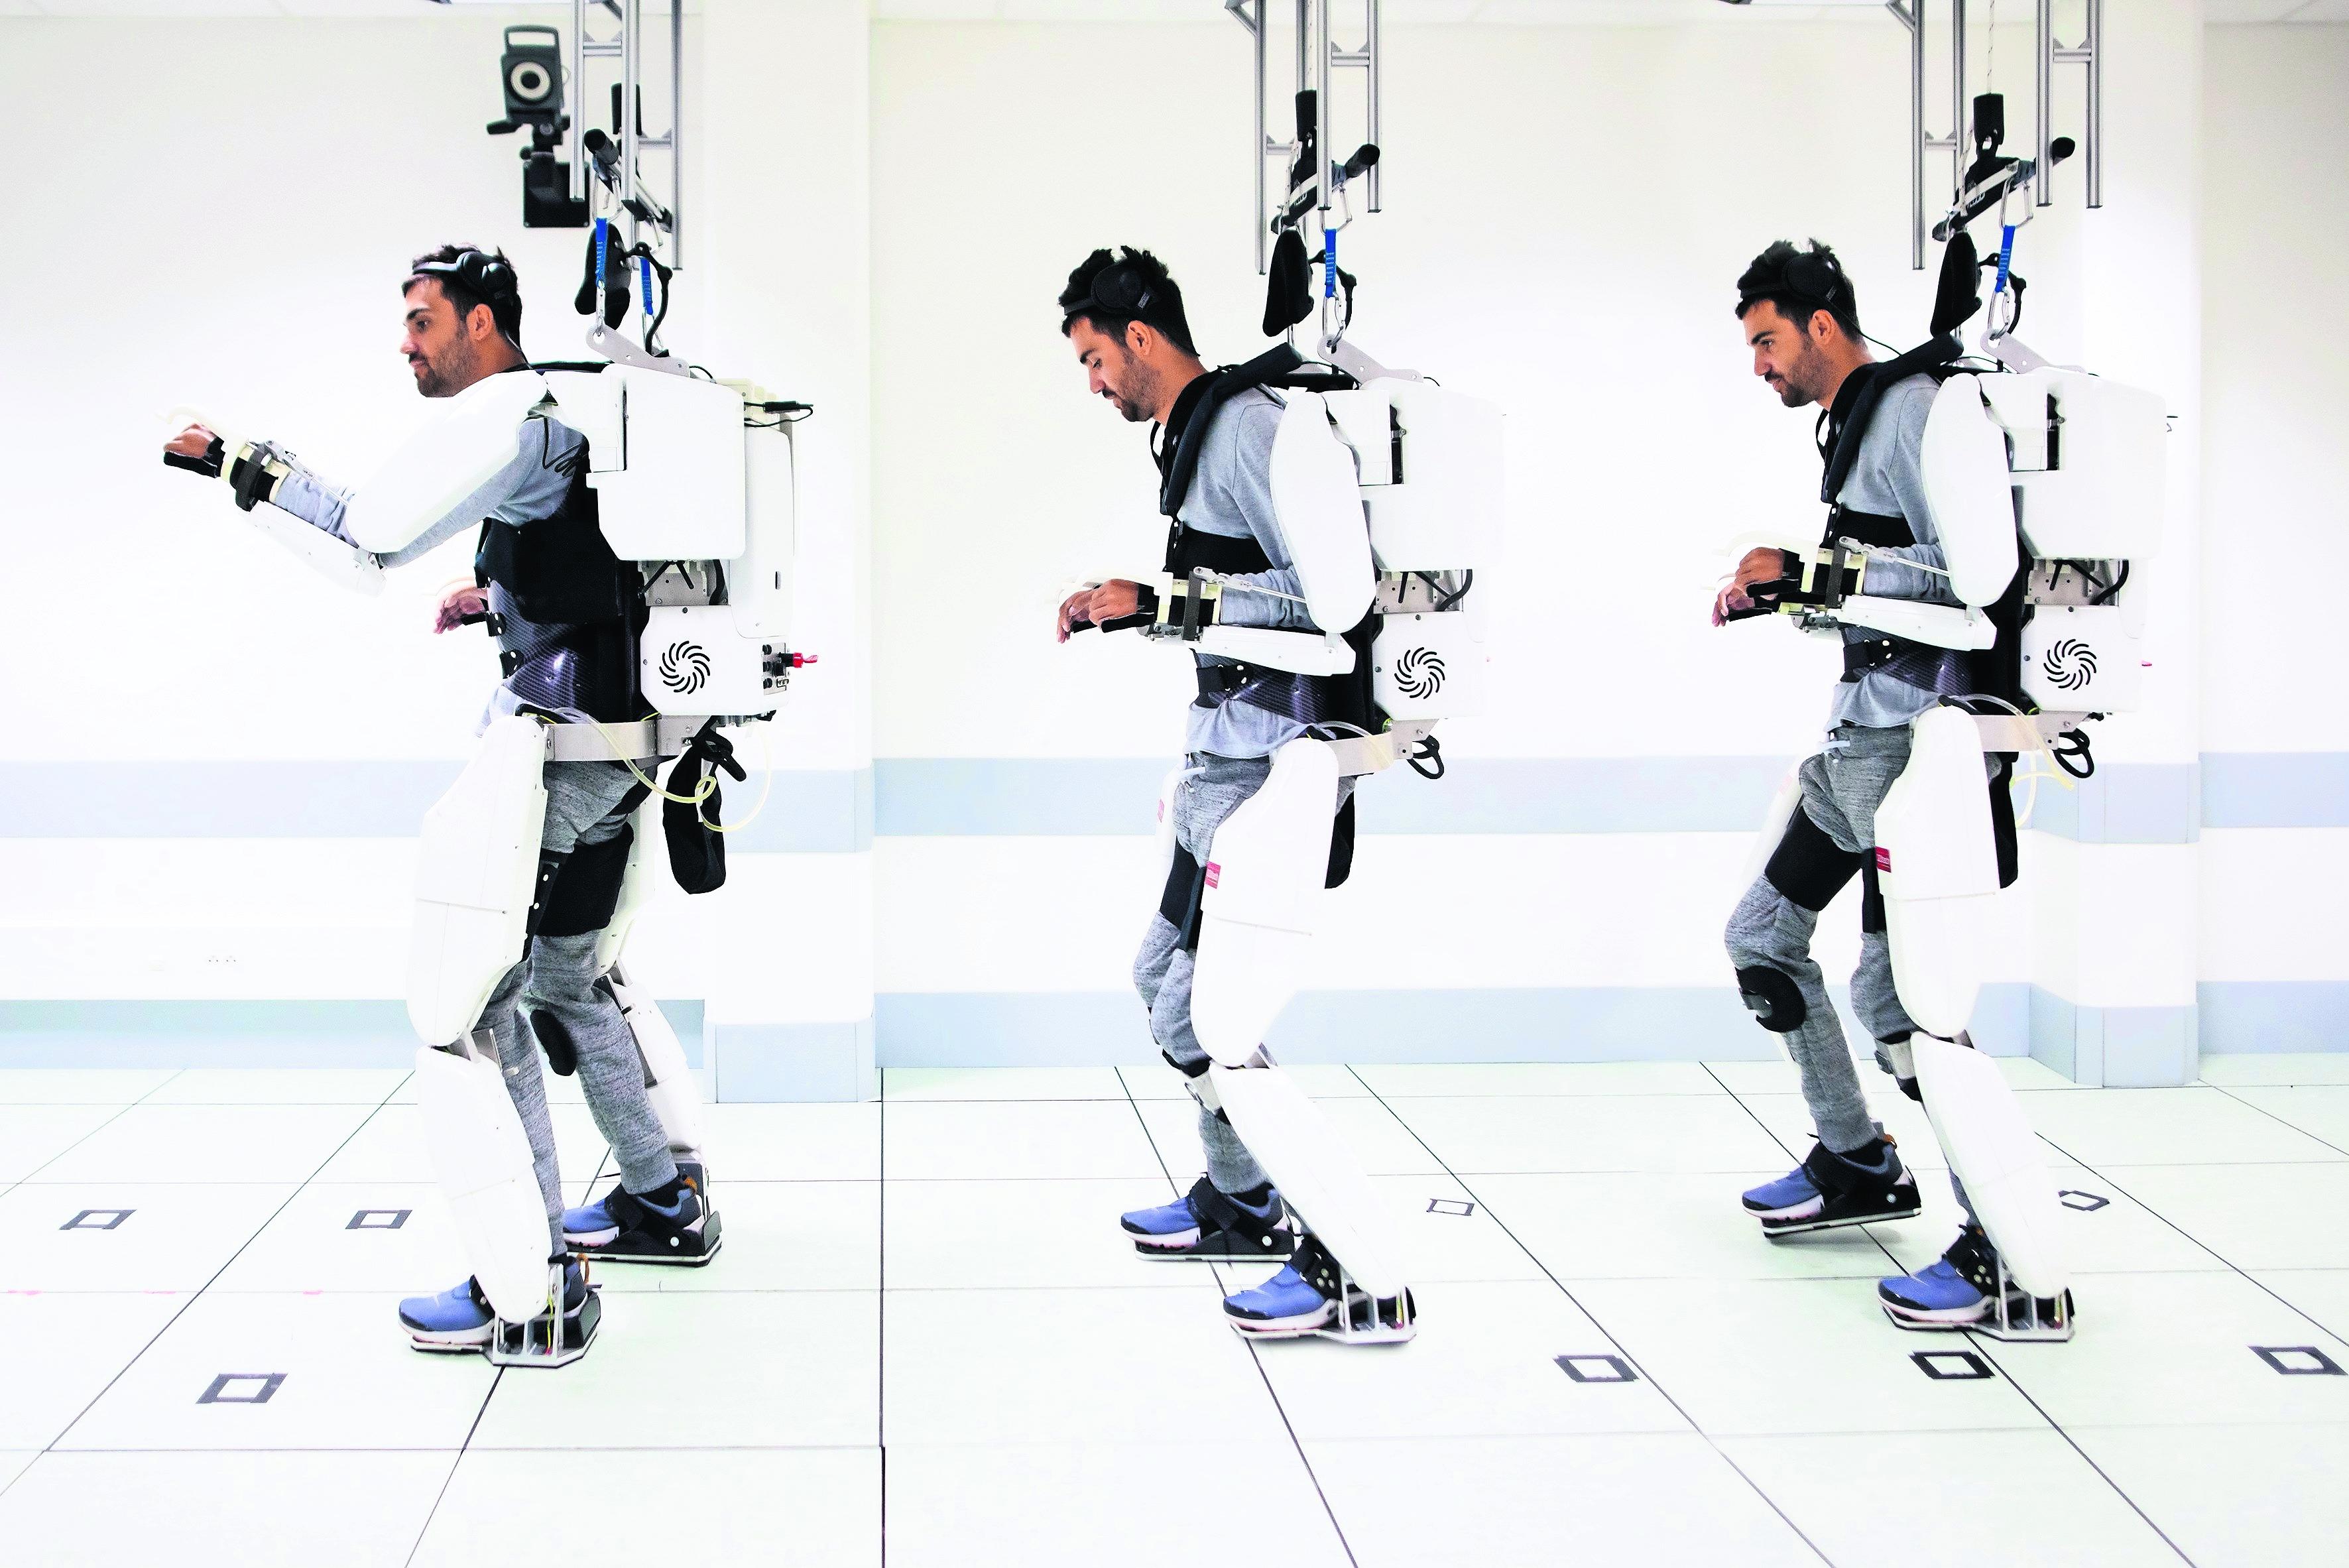 cuadrapléjico movilidad tecnología exoesqueleto armadura motorizada francia